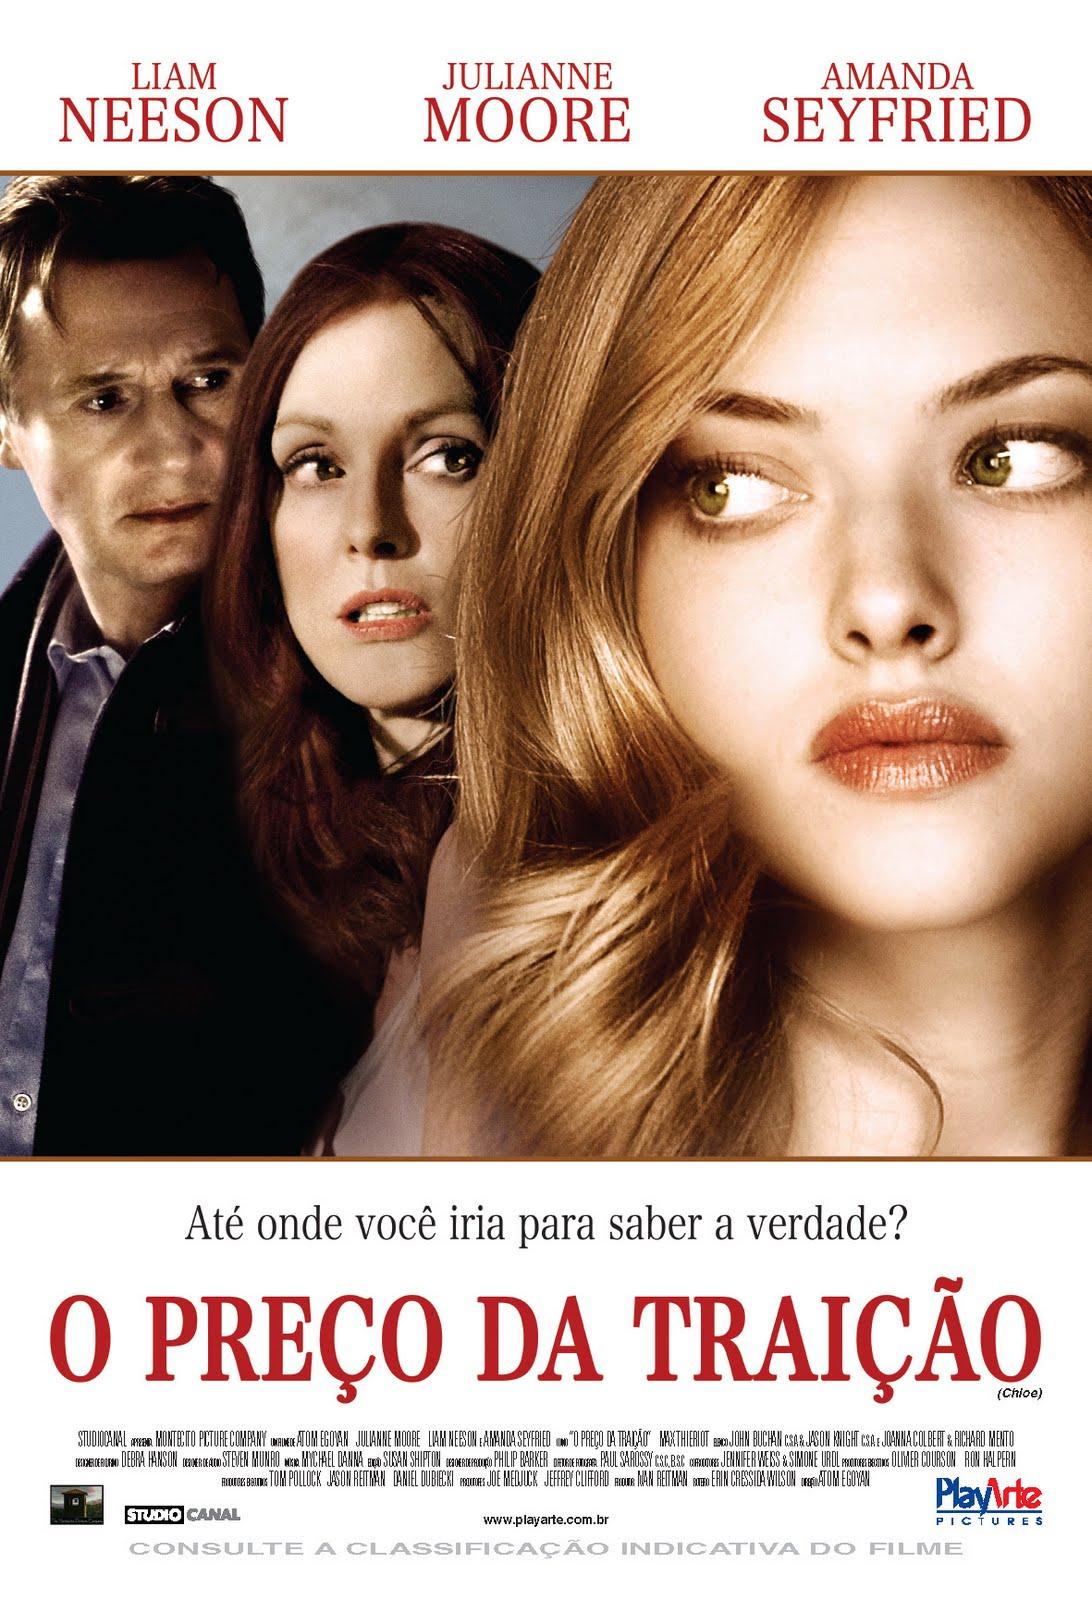 http://3.bp.blogspot.com/_2R3MJ0Y9LVY/TTT_iRXHMfI/AAAAAAAAJ0Y/L_QyCT0baIk/s1600/chloe_poster.jpg